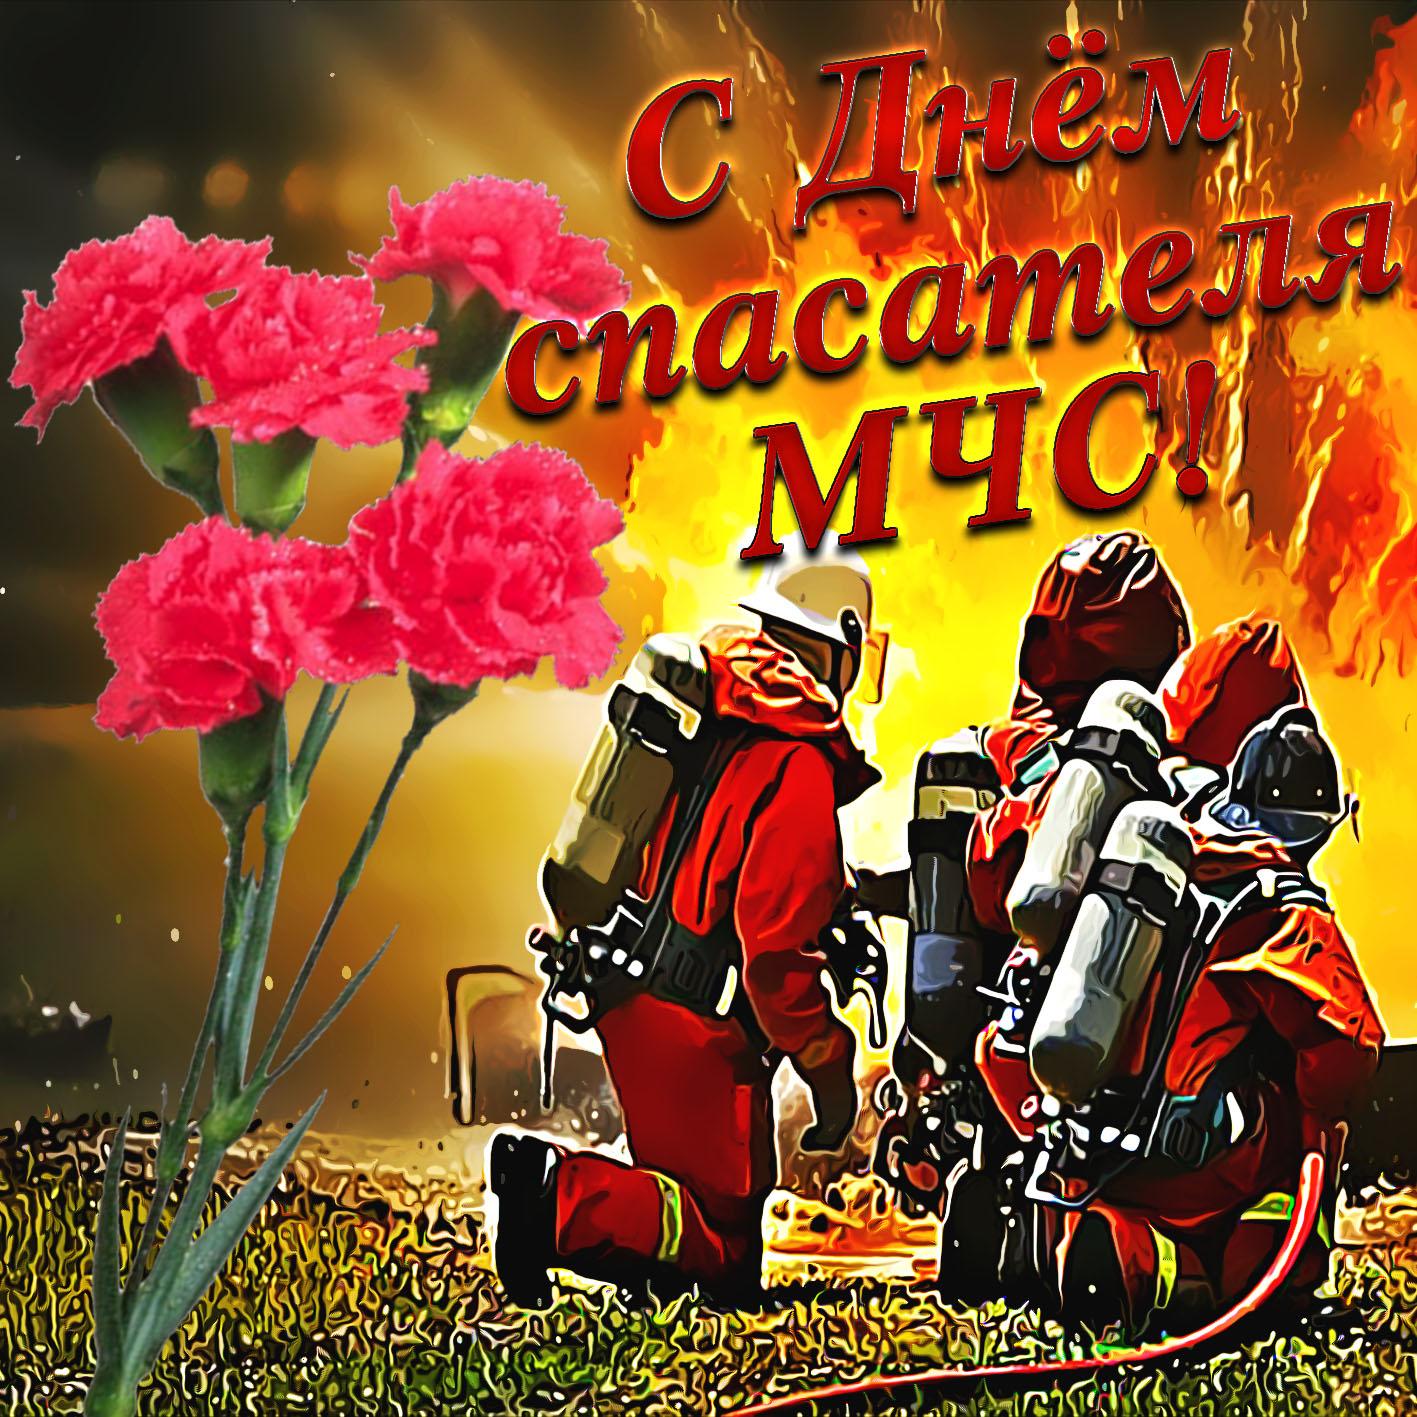 Открытка на день спасателя мчс, открытки дню